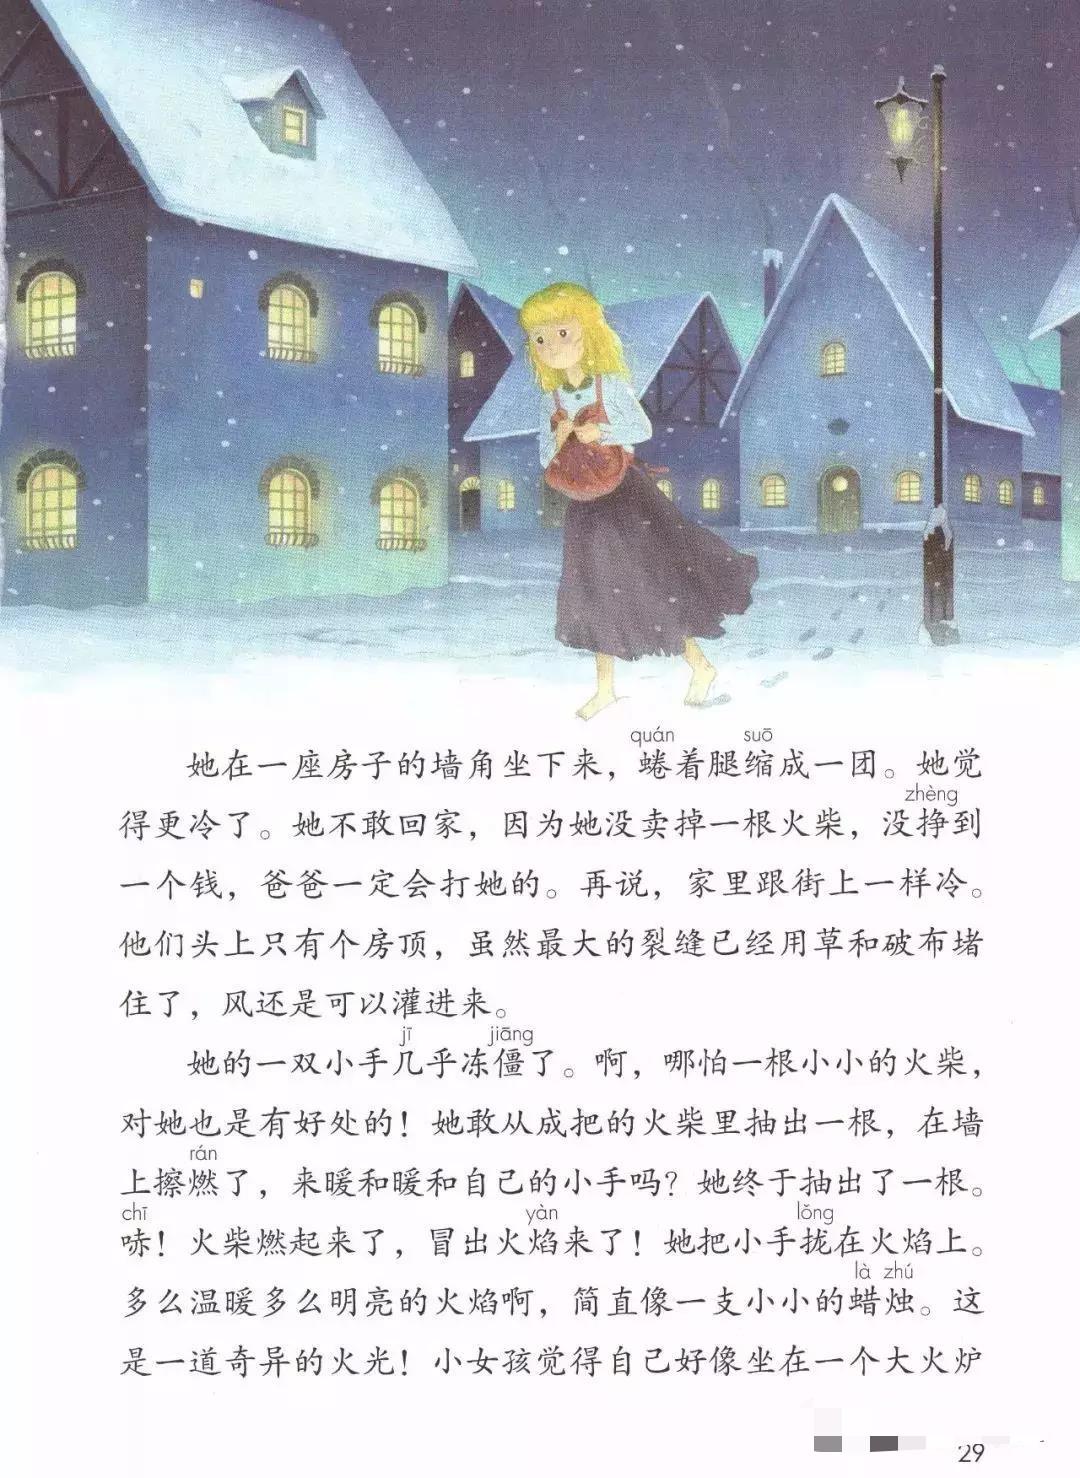 部编版三年级上册第8课《卖火柴的小女孩》知识点